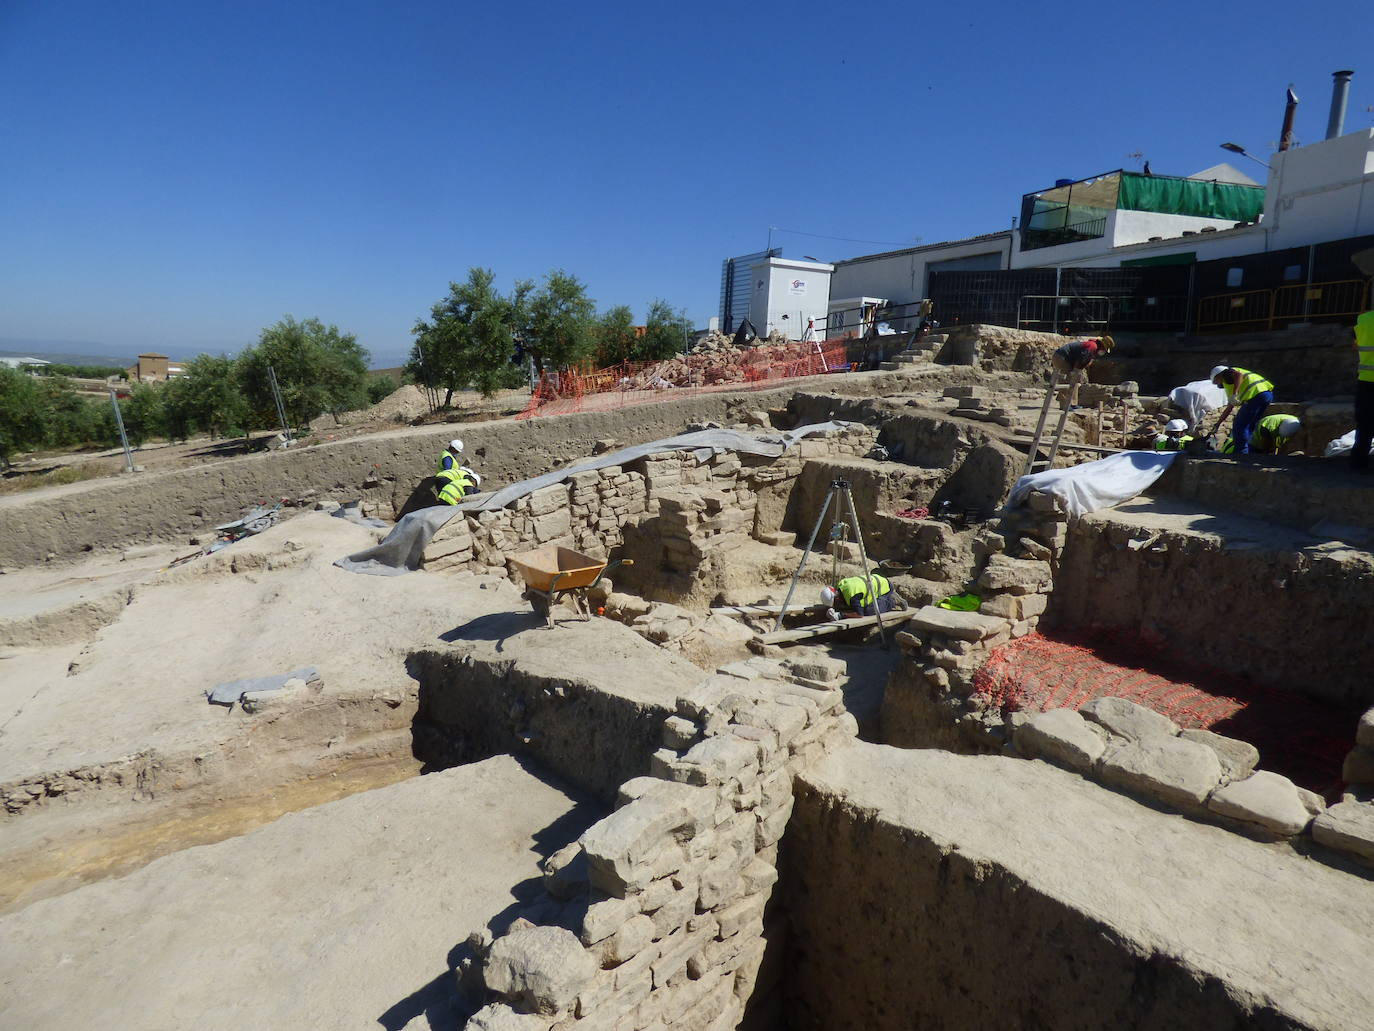 La Consejería de Cultura autoriza el modificado del proyecto de restauración de las Cisternas 'La Calderona' de Porcuna tras los últimos hallazgos